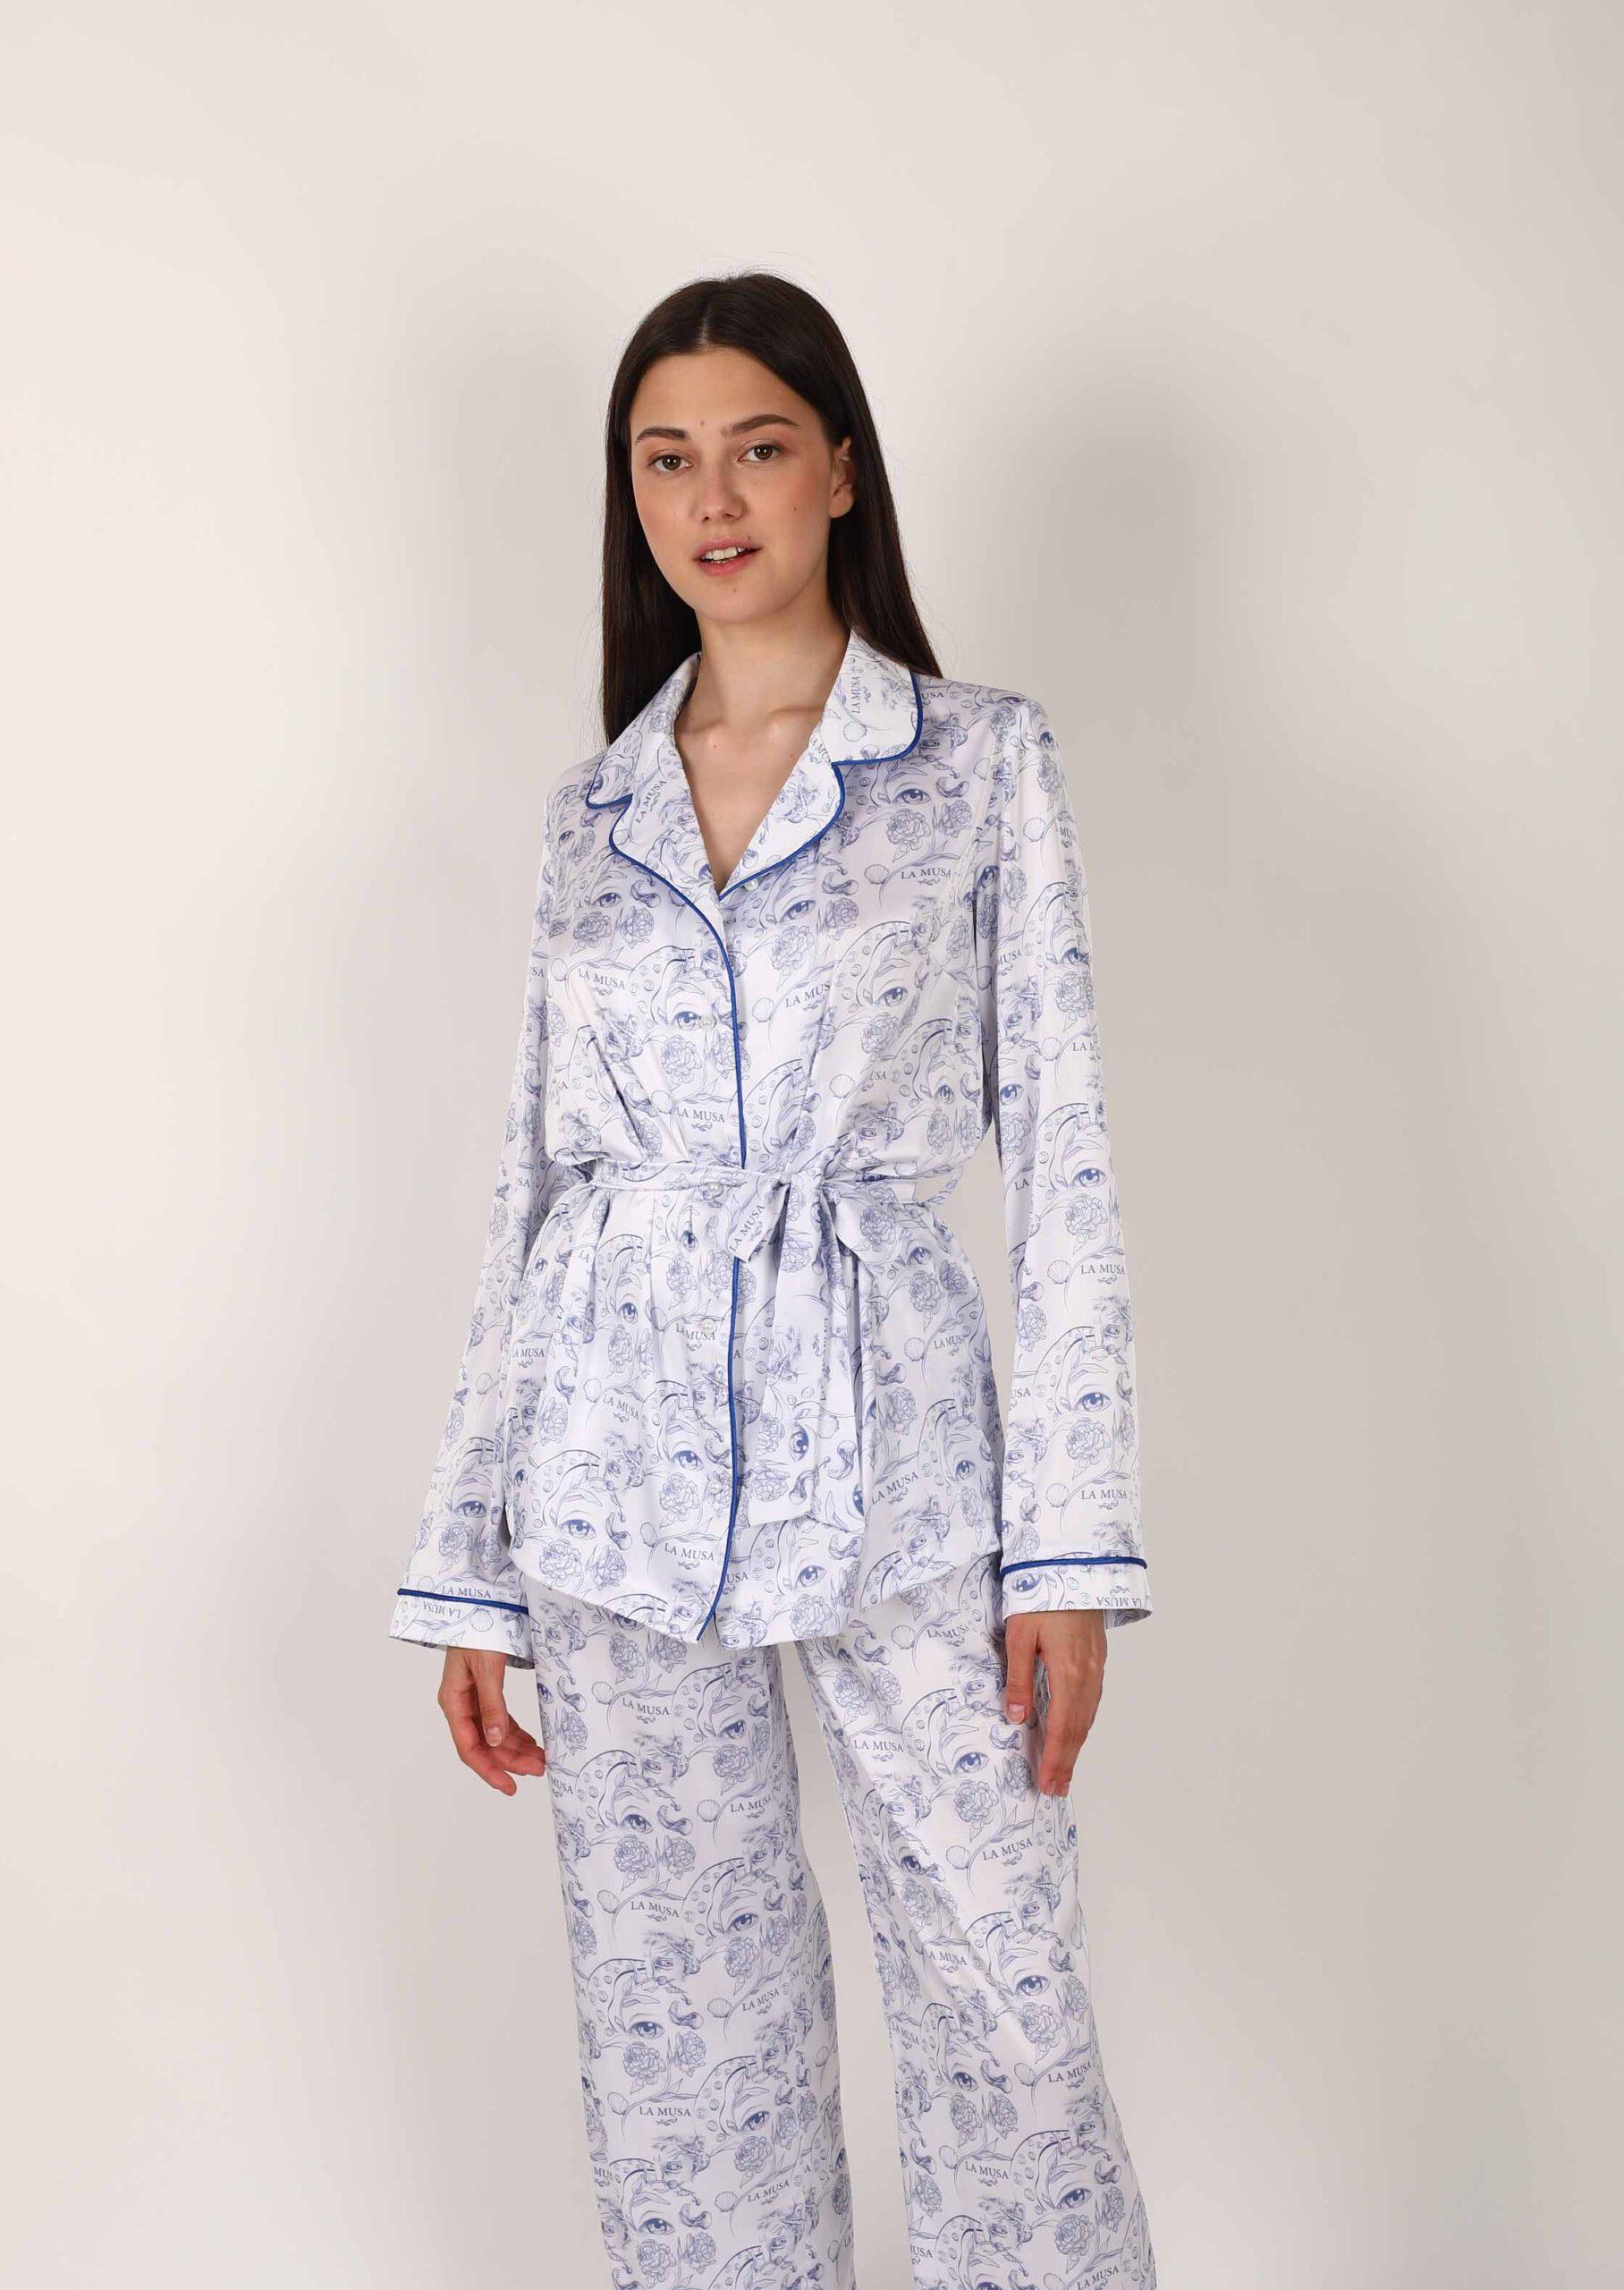 Porcelain loungewear set / white pajama with blue print / elegant satin women sleepwear with shirt and pants / organic pattern nightgrown